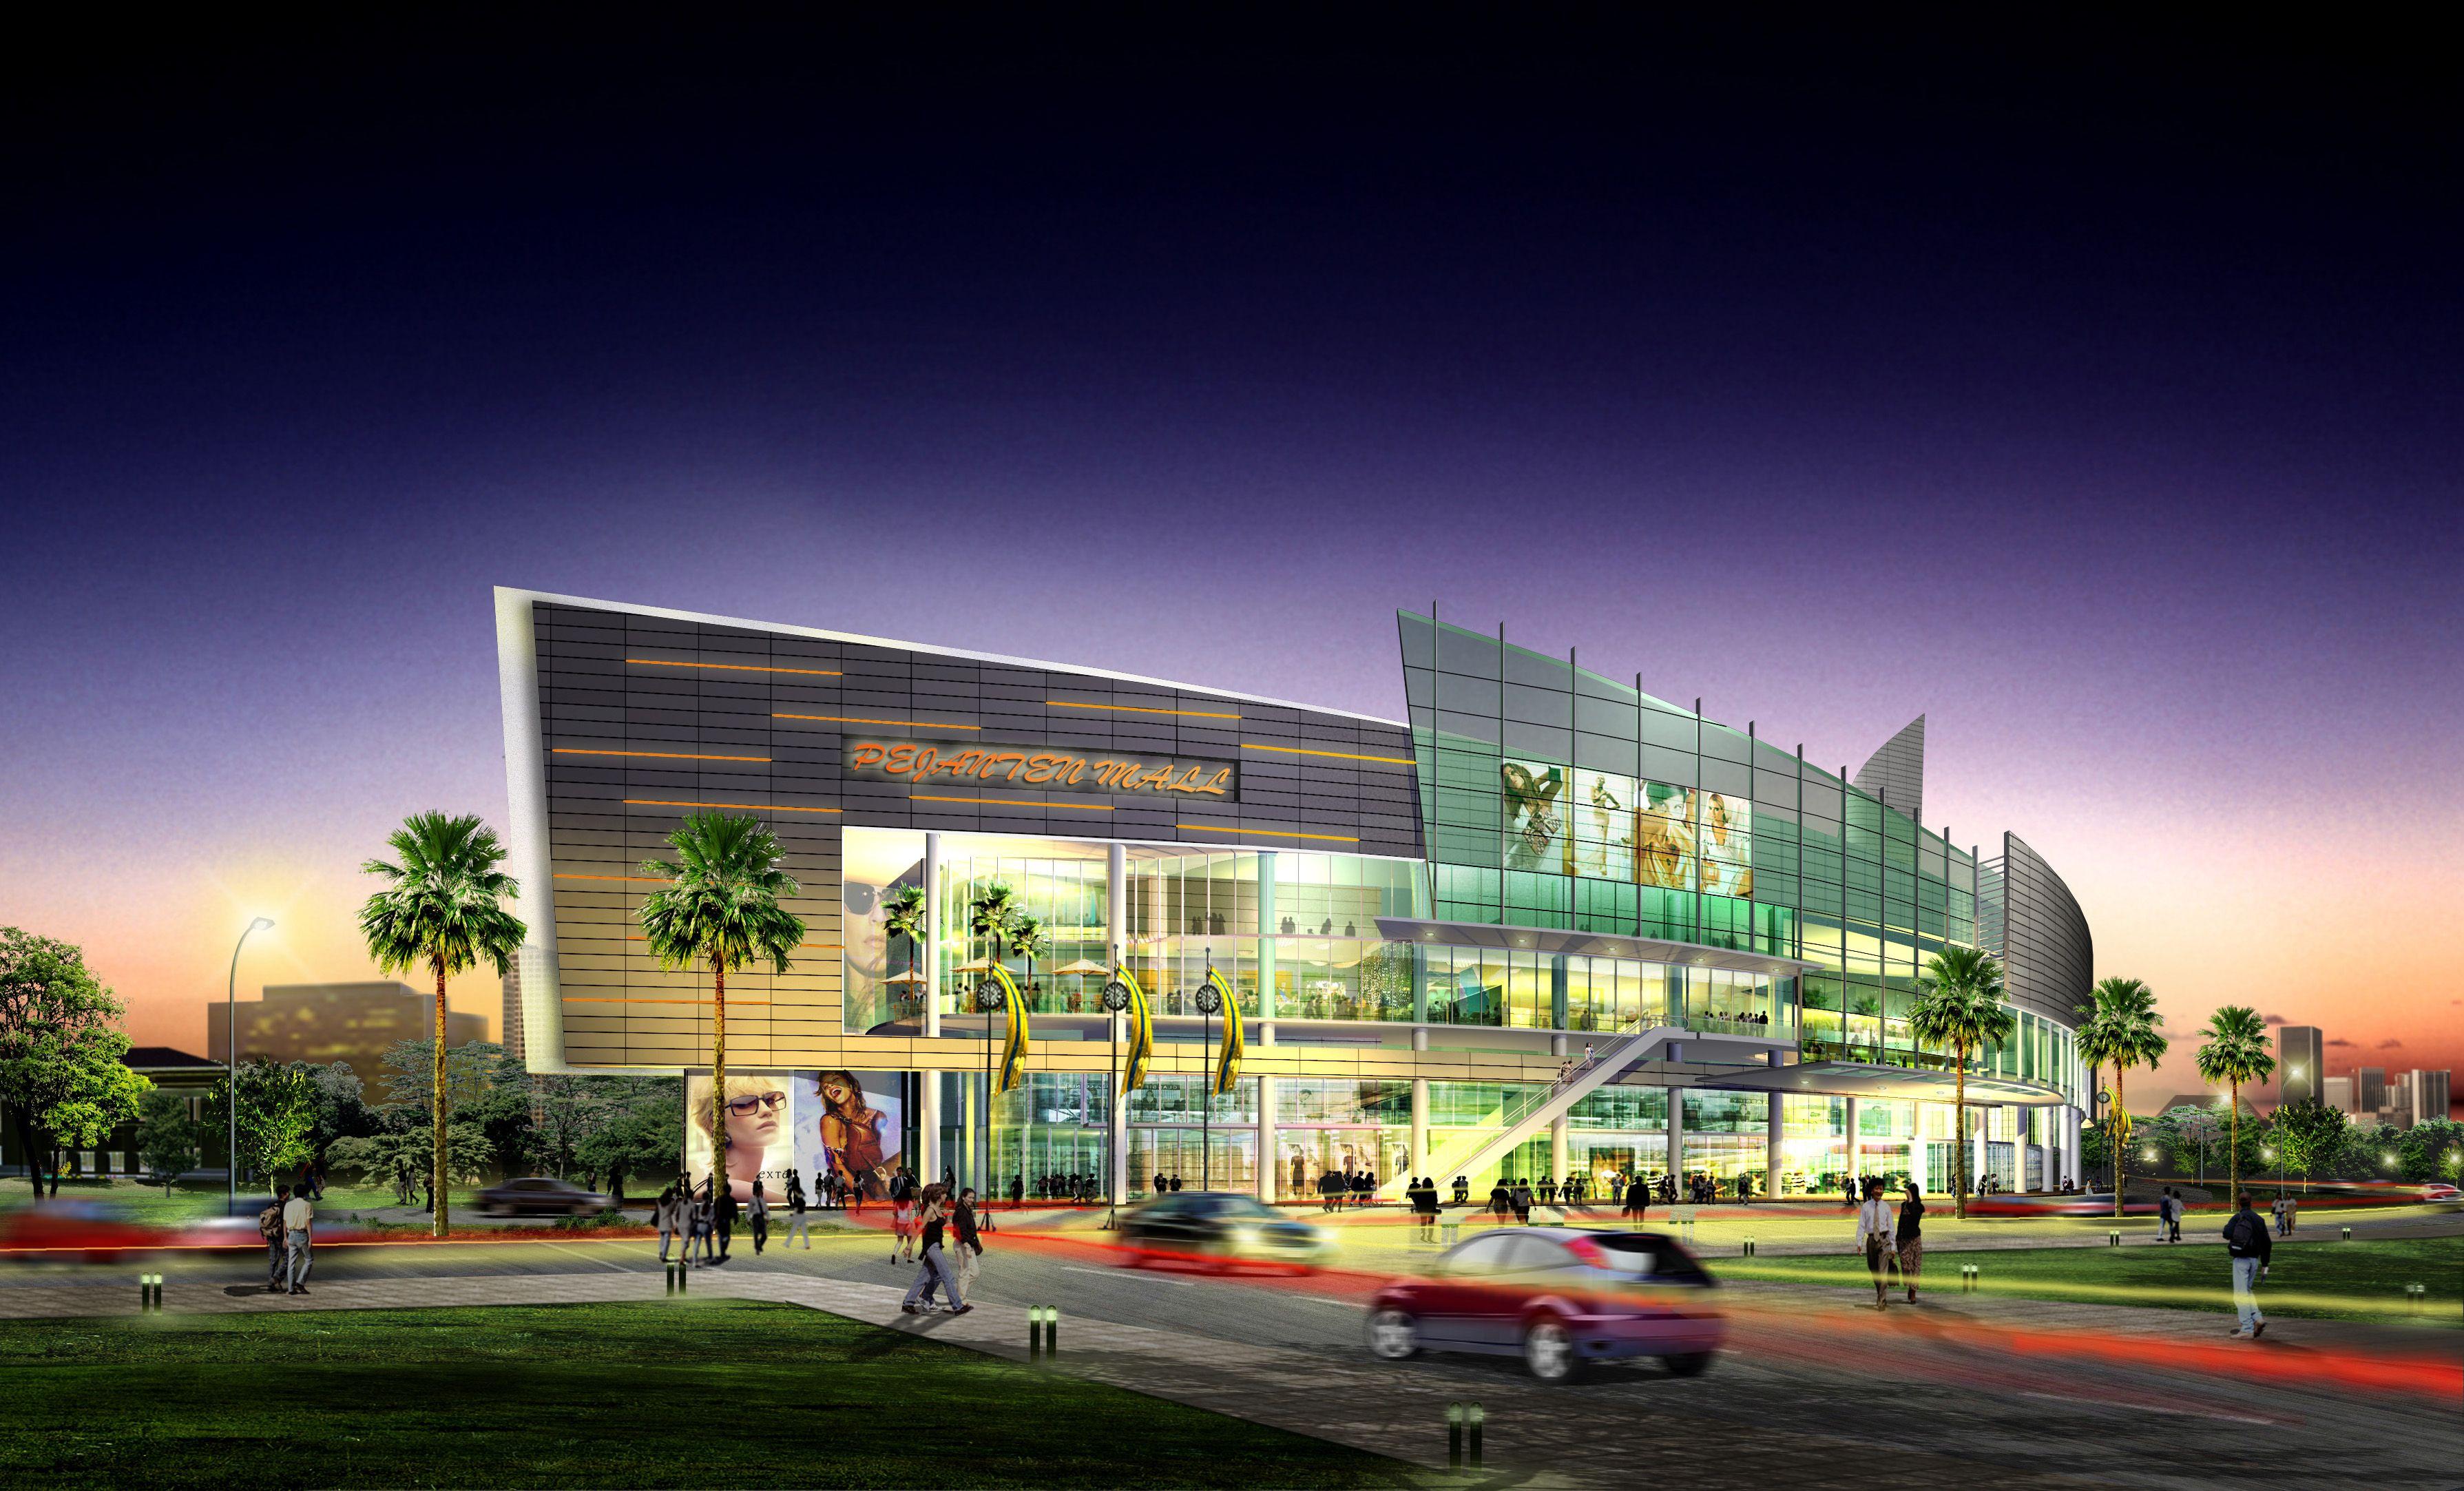 Ghim Của Avijit Das Tren Architecture Commercial Building